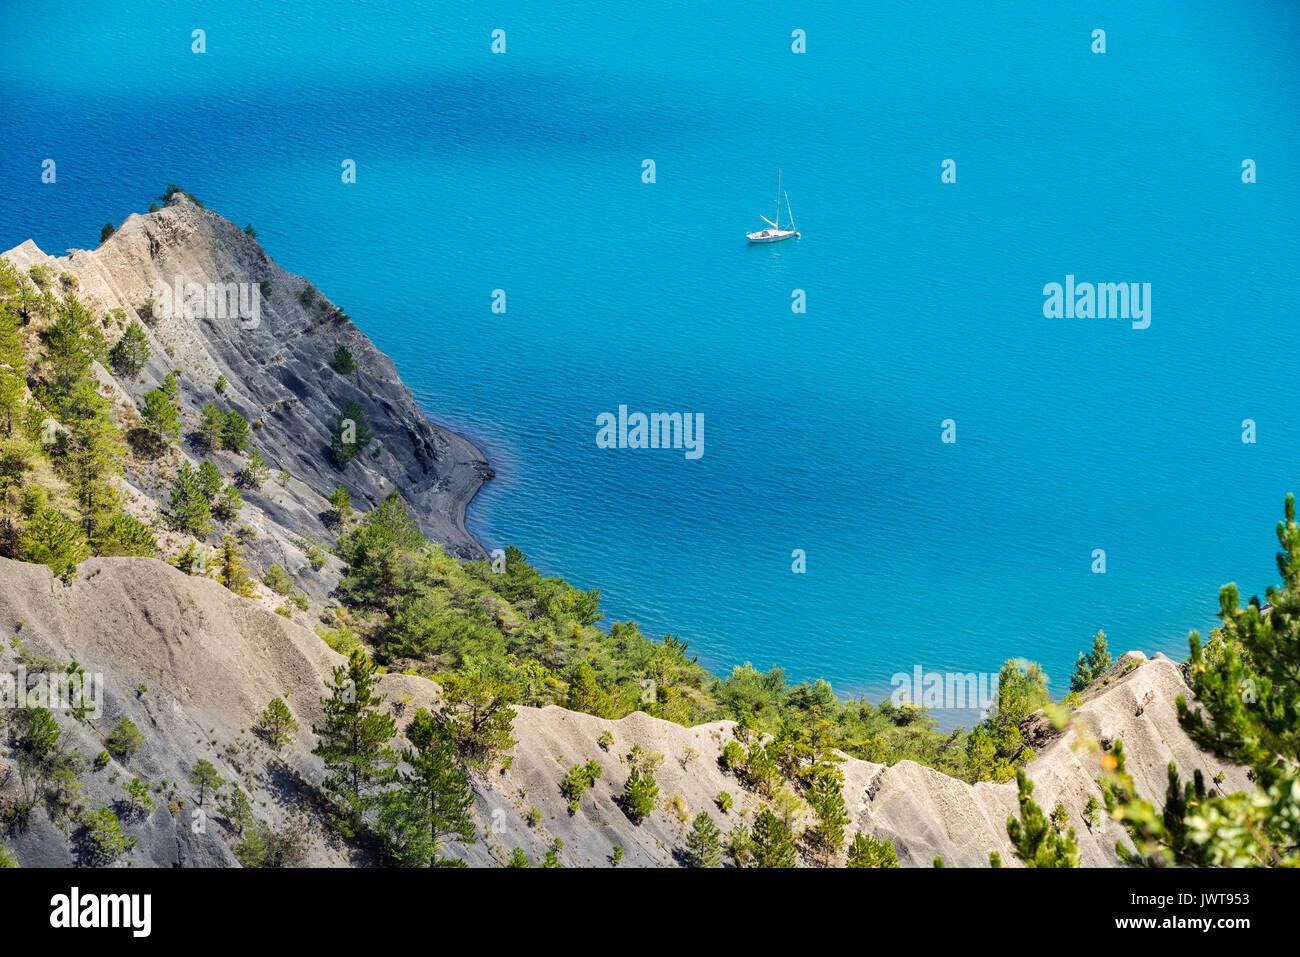 Verano en el lago Serre-Poncon con profundas aguas azules y velero. Hautes-Alpes, región PACA, al sur de los Alpes franceses, Francia Imagen De Stock